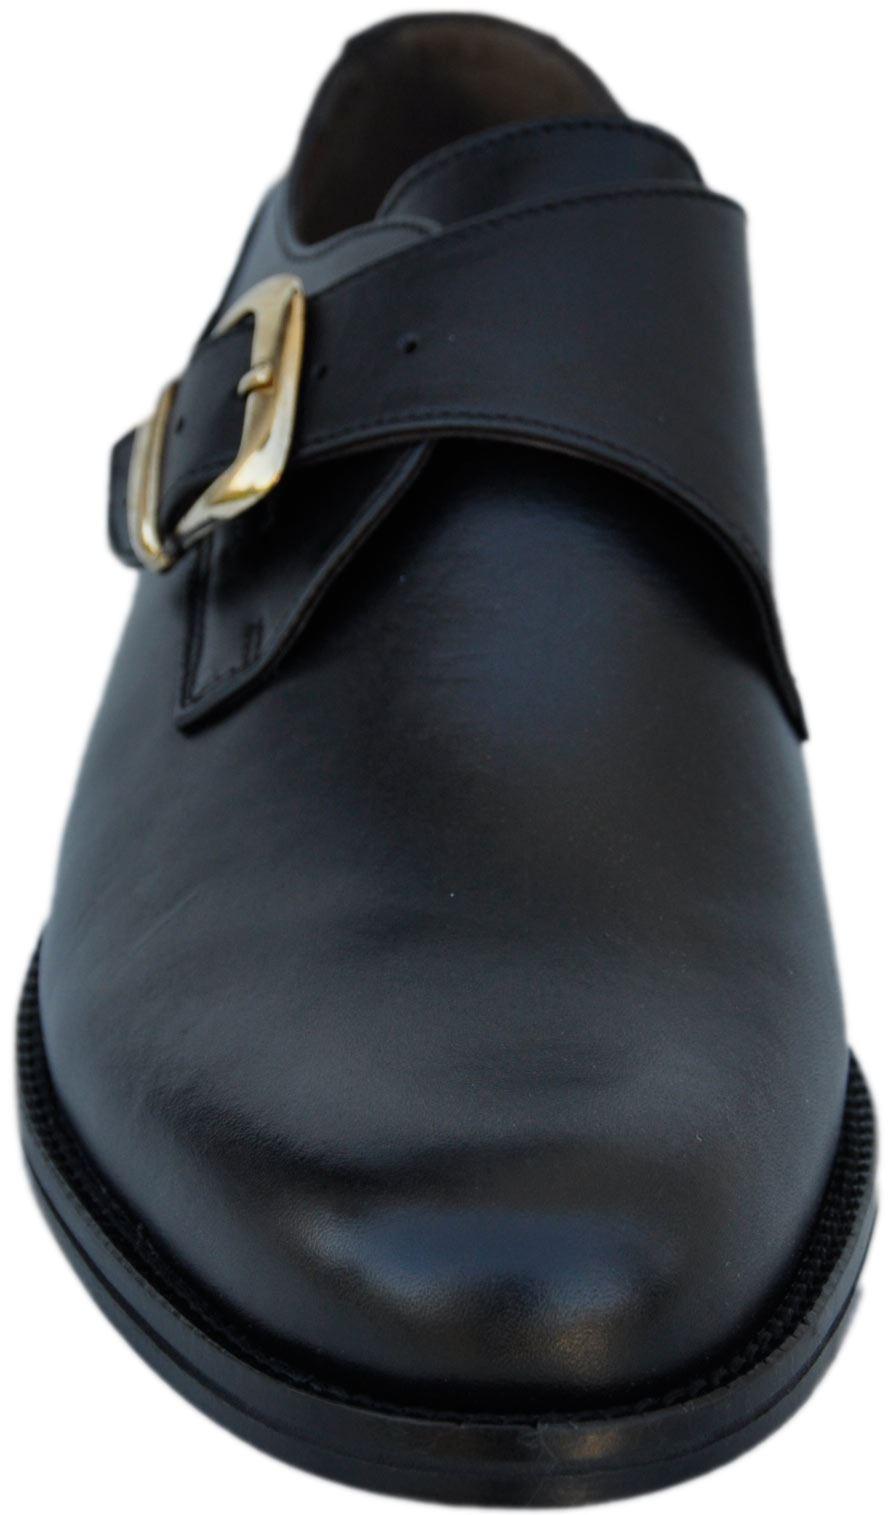 chaussures noires boucle 100 cuir artus homme noir artus ebay. Black Bedroom Furniture Sets. Home Design Ideas